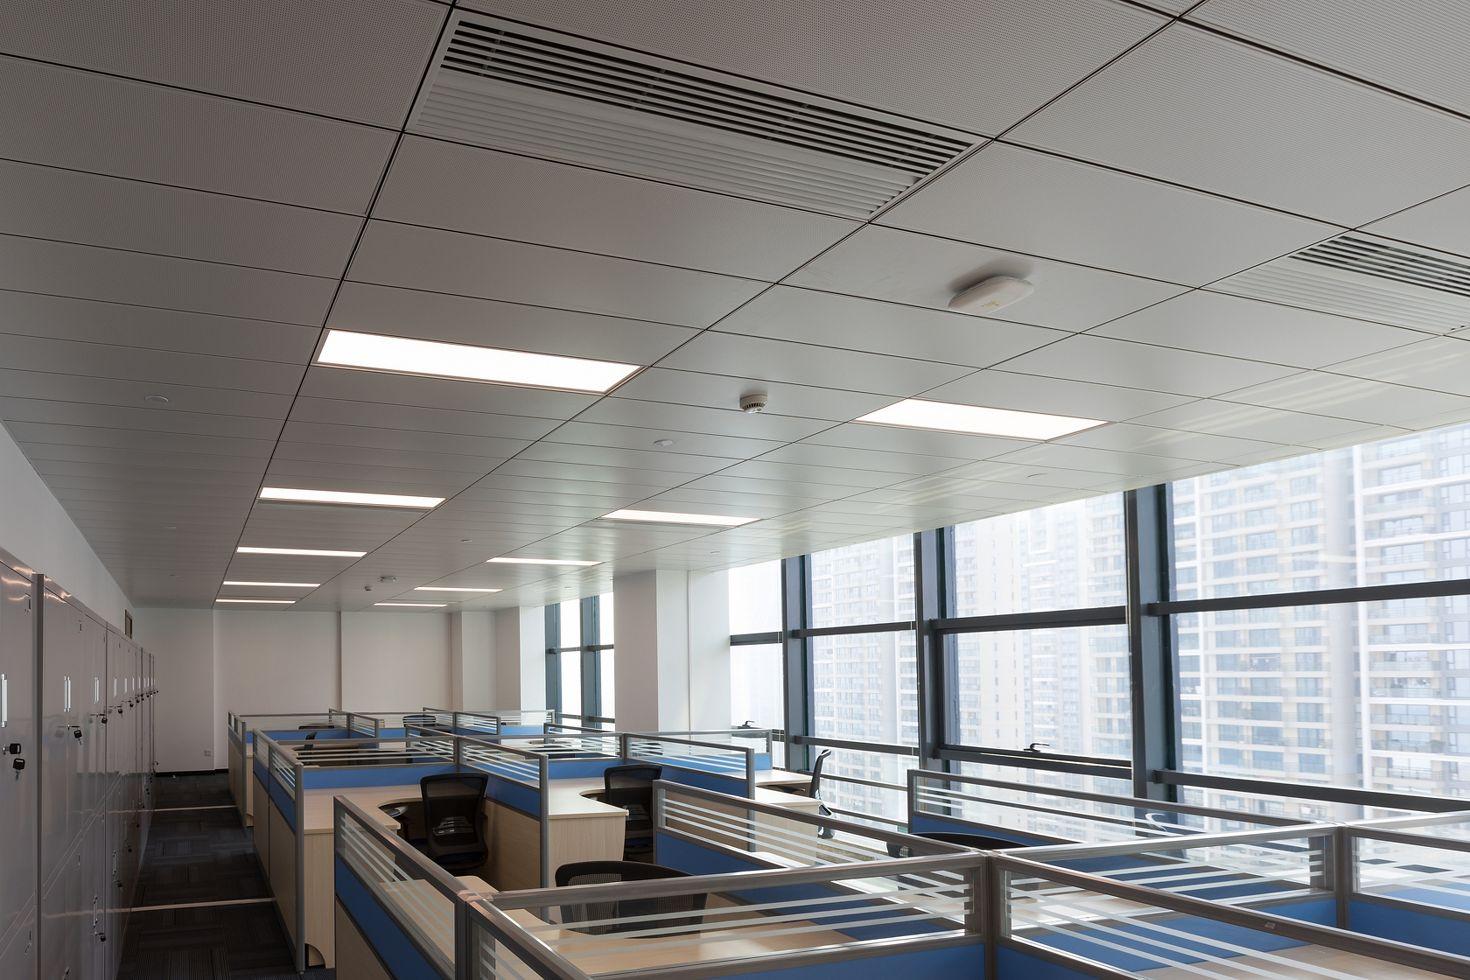 потолок с кассетами Армстронг на подвесной системе Silhouette с кромкой microlook 8